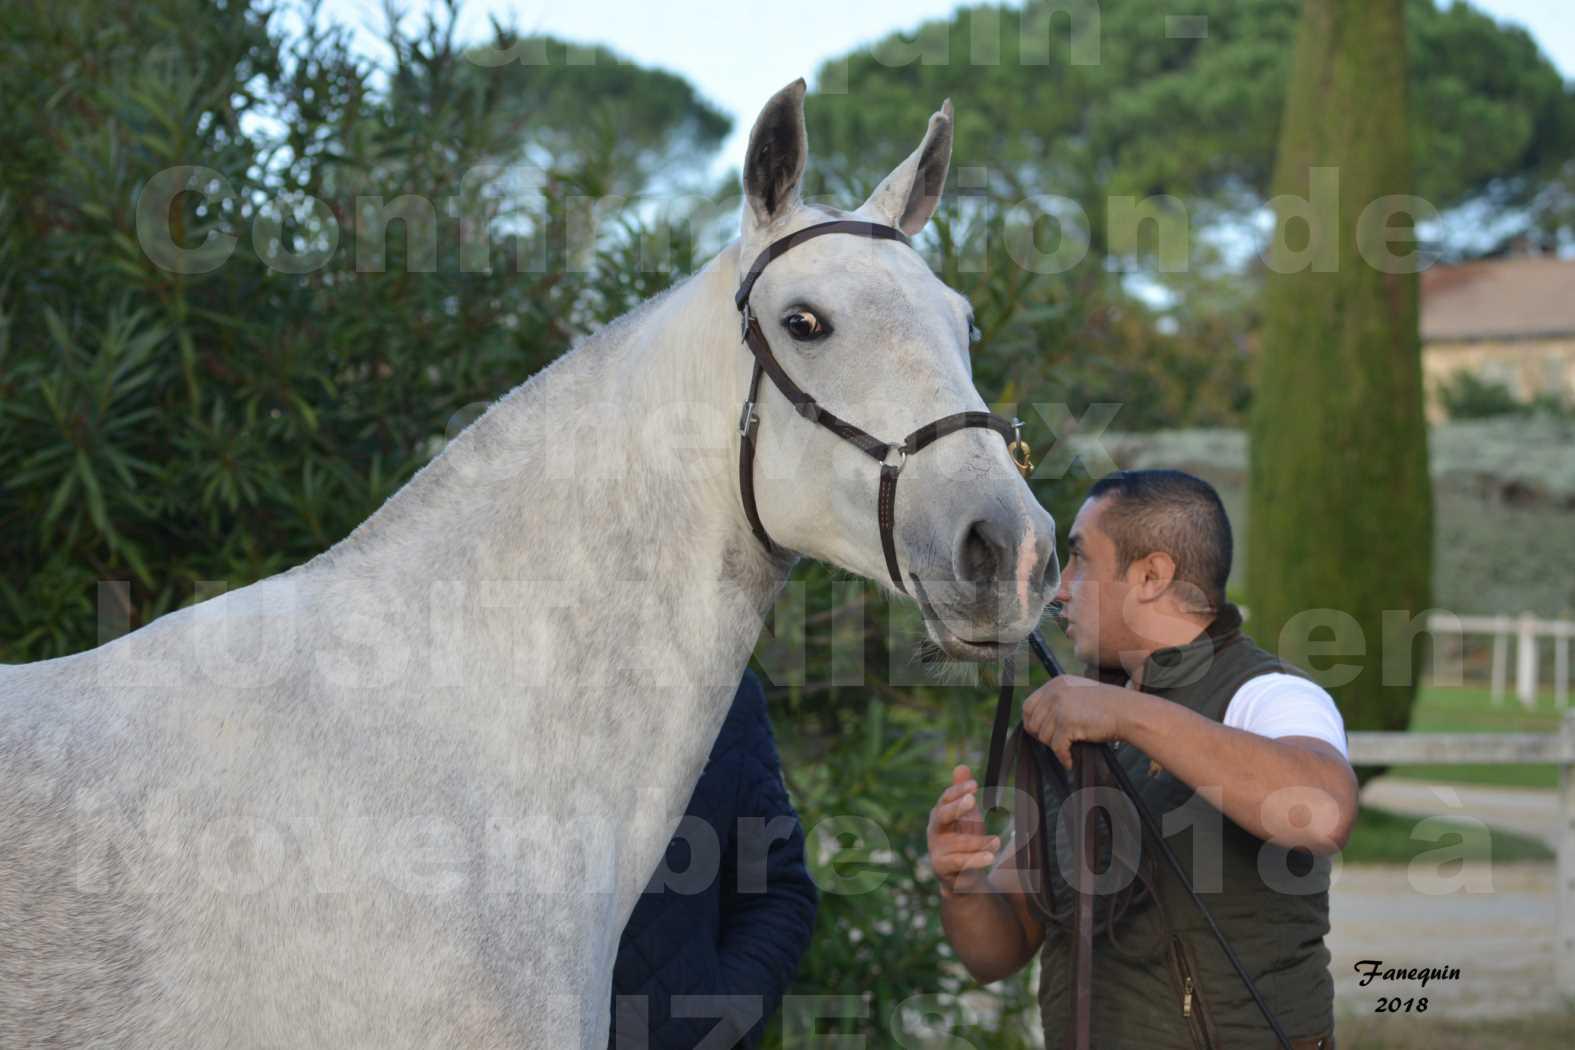 Confirmation de chevaux LUSITANIENS aux Haras d'UZES Novembre 2018 - DANAÏDE DU MOLE - Portraits - 1